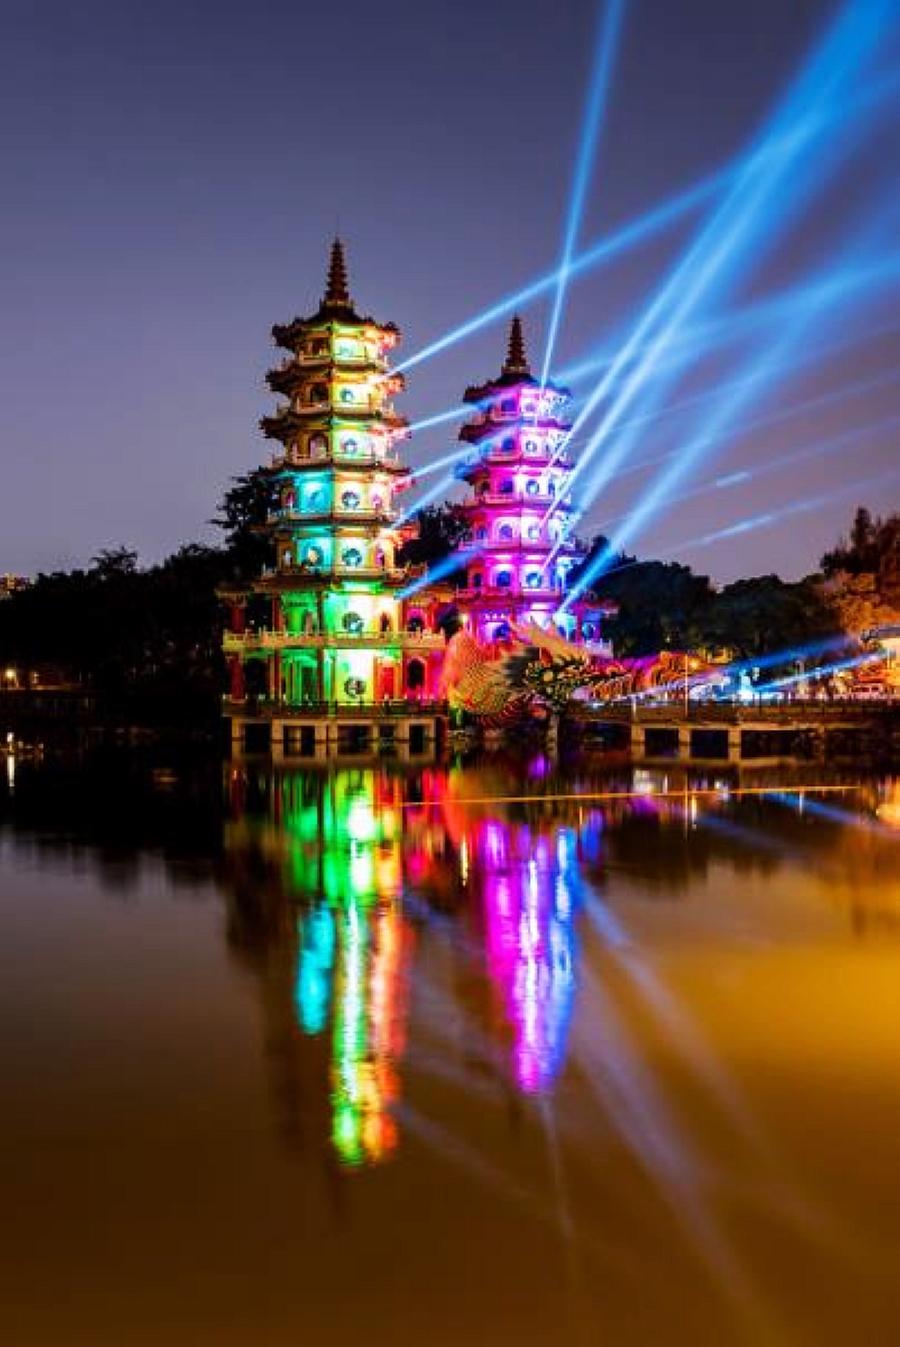 2018龍虎塔絢麗燈光展演(圖片來源:高雄市政府民政局)